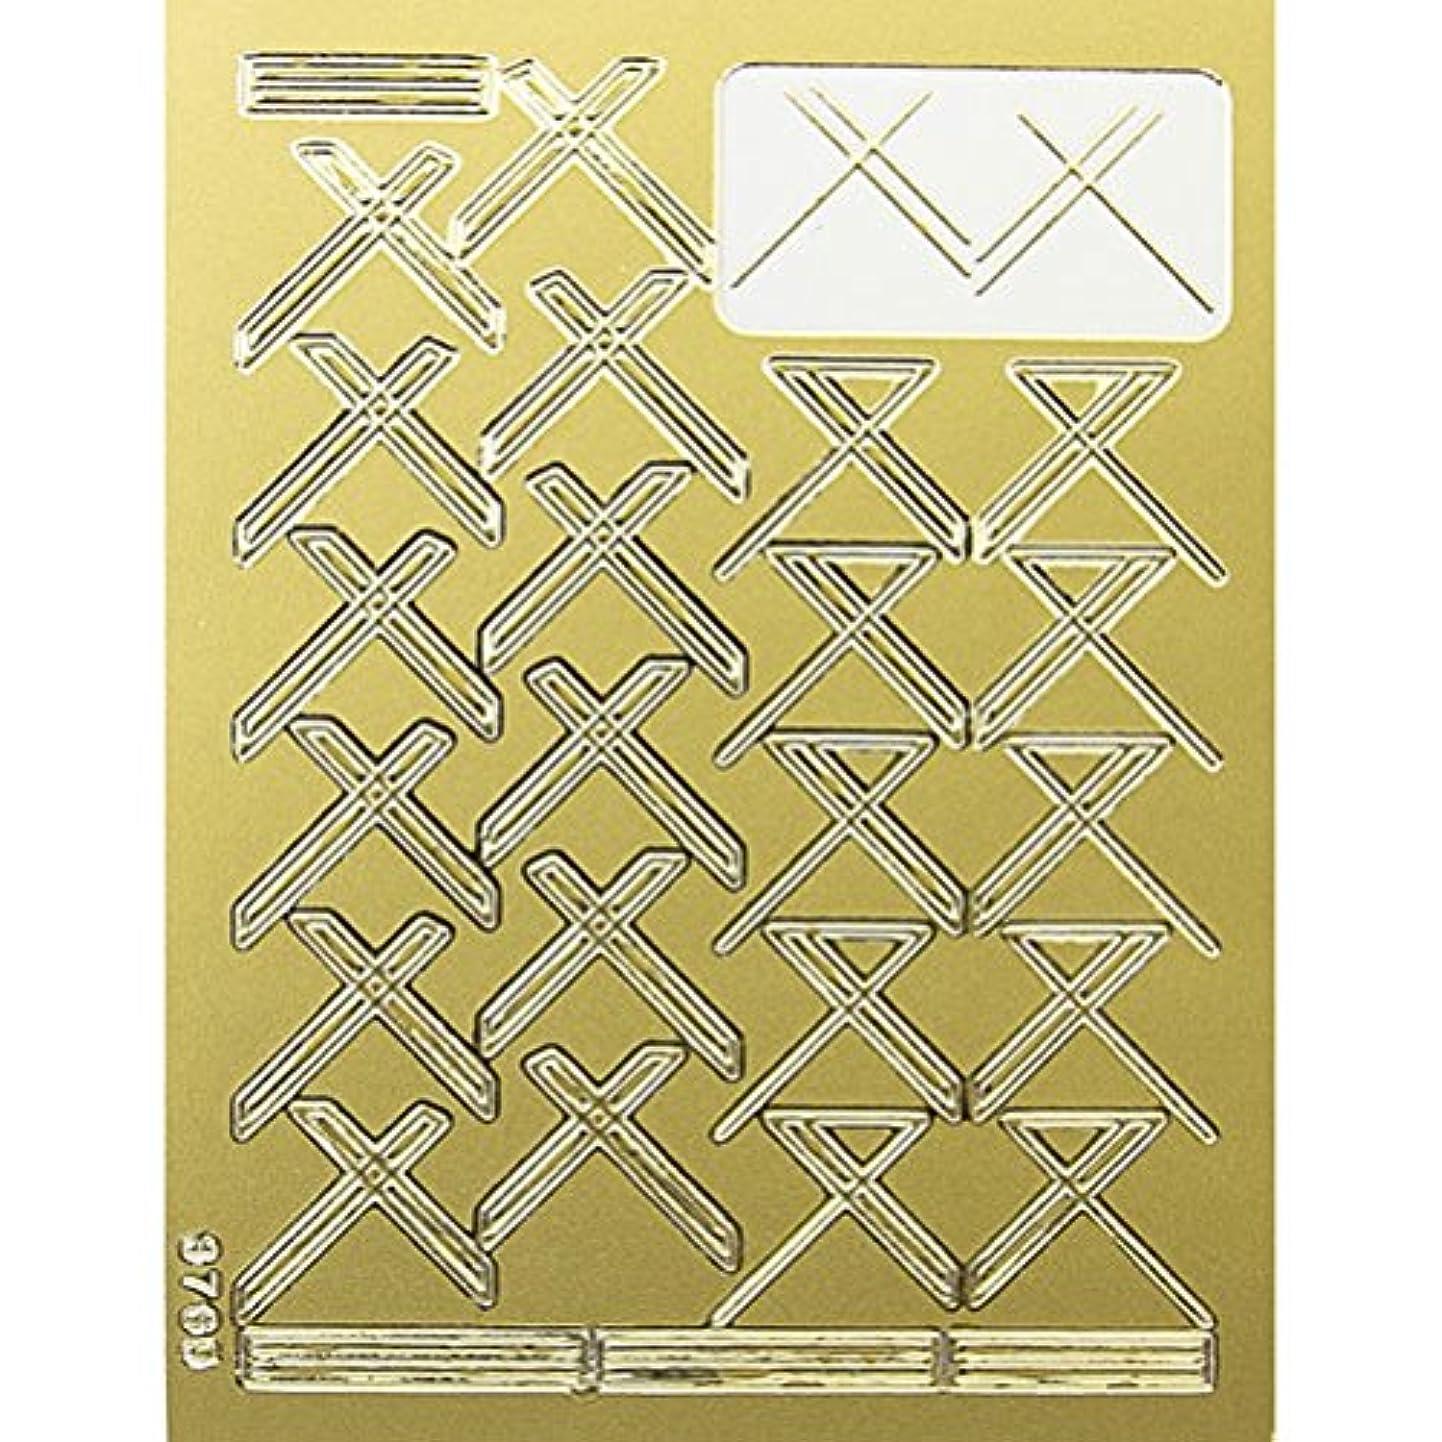 持続的サイレン明るいネイルエンボスシール ゴールドクロス 590-1001